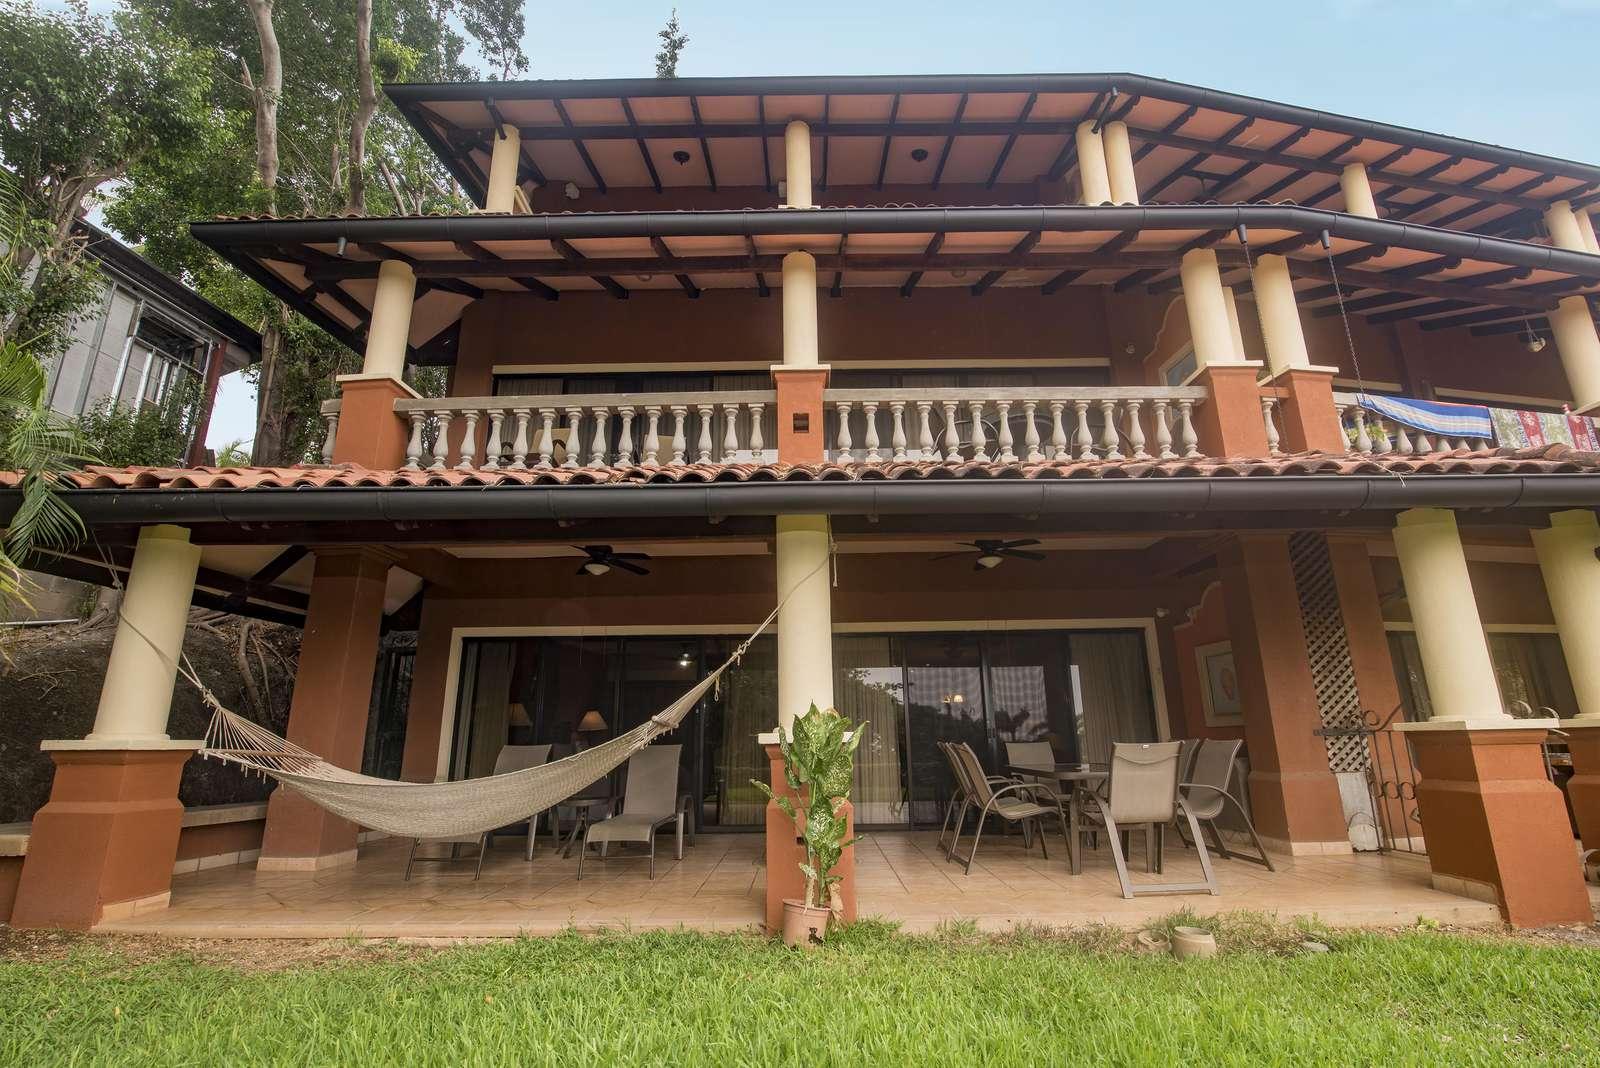 El Diria 511-Largest covered patio, end unit, ground level in the El Diria Building